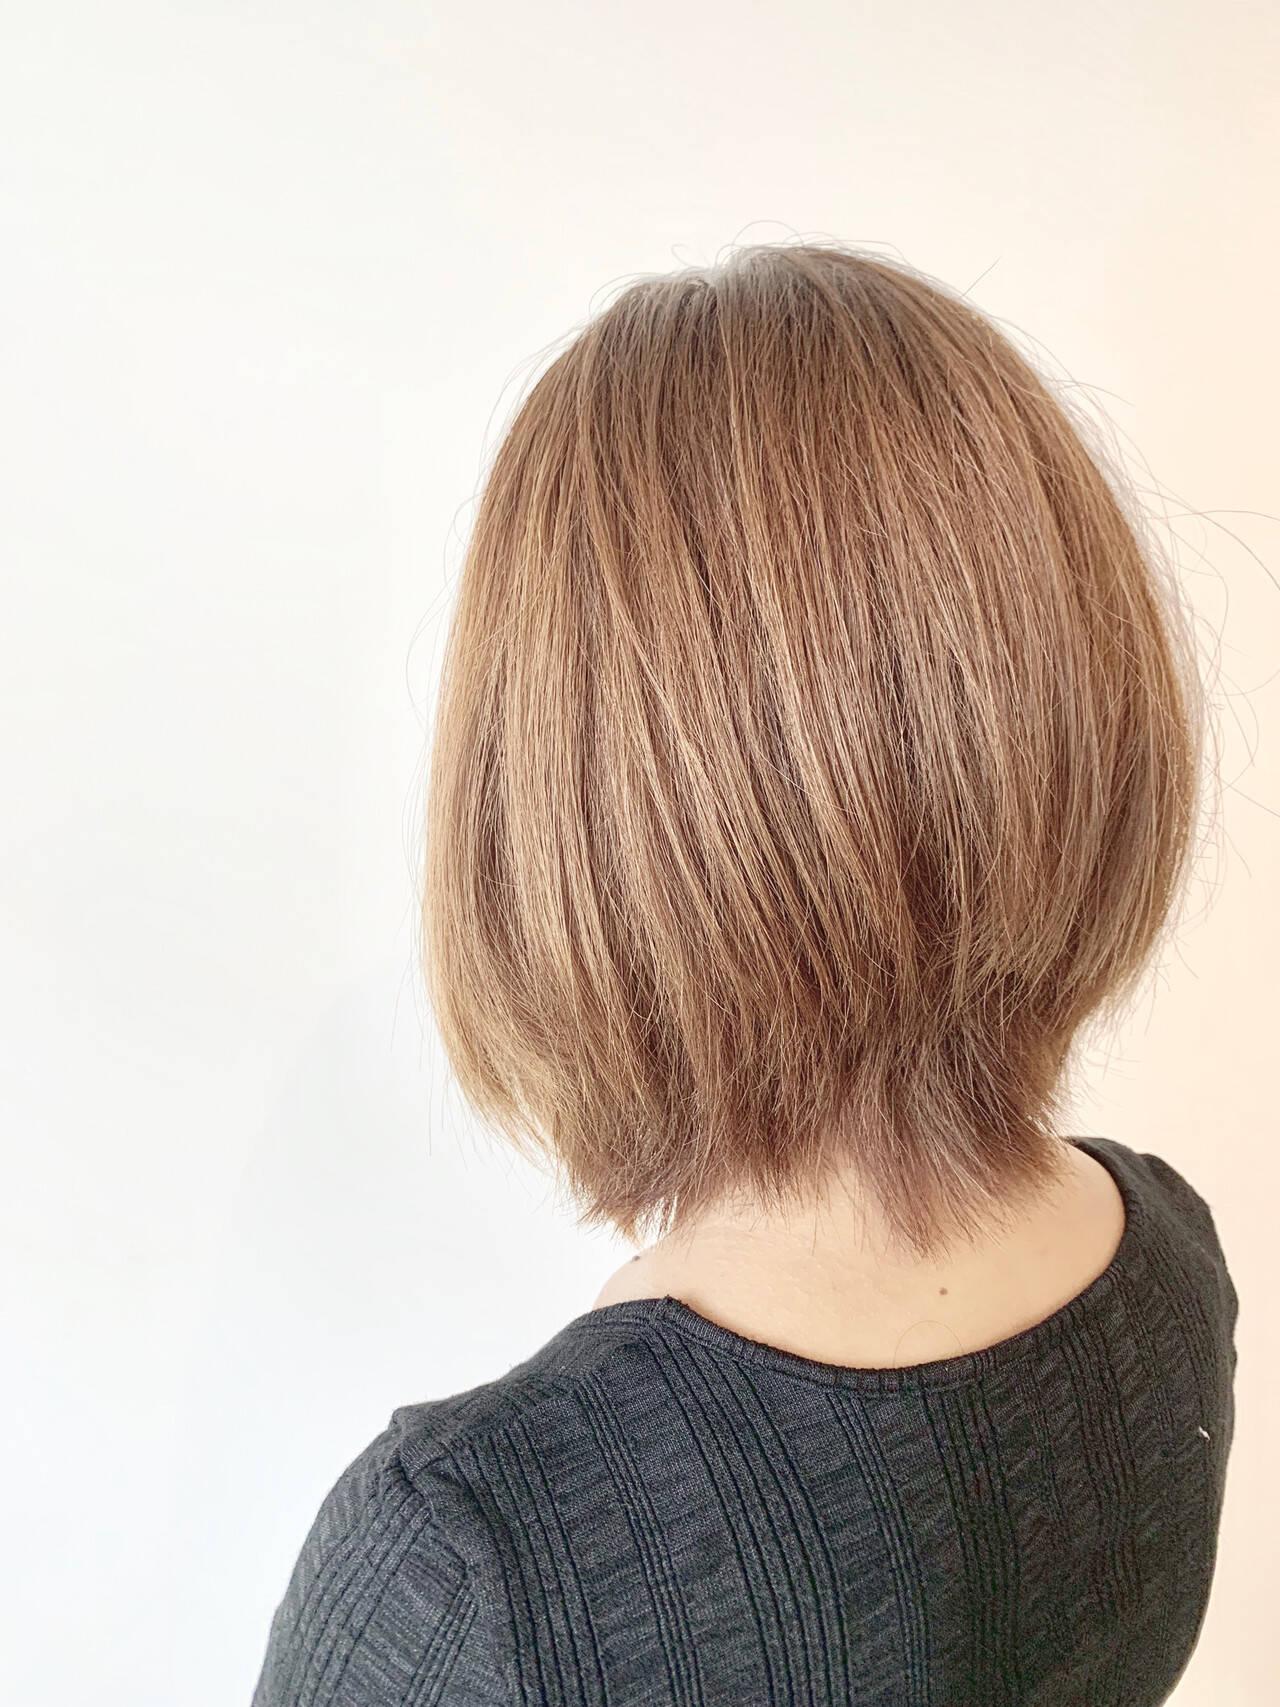 ボブ ショートボブ 簡単スタイリング 大人可愛いヘアスタイルや髪型の写真・画像